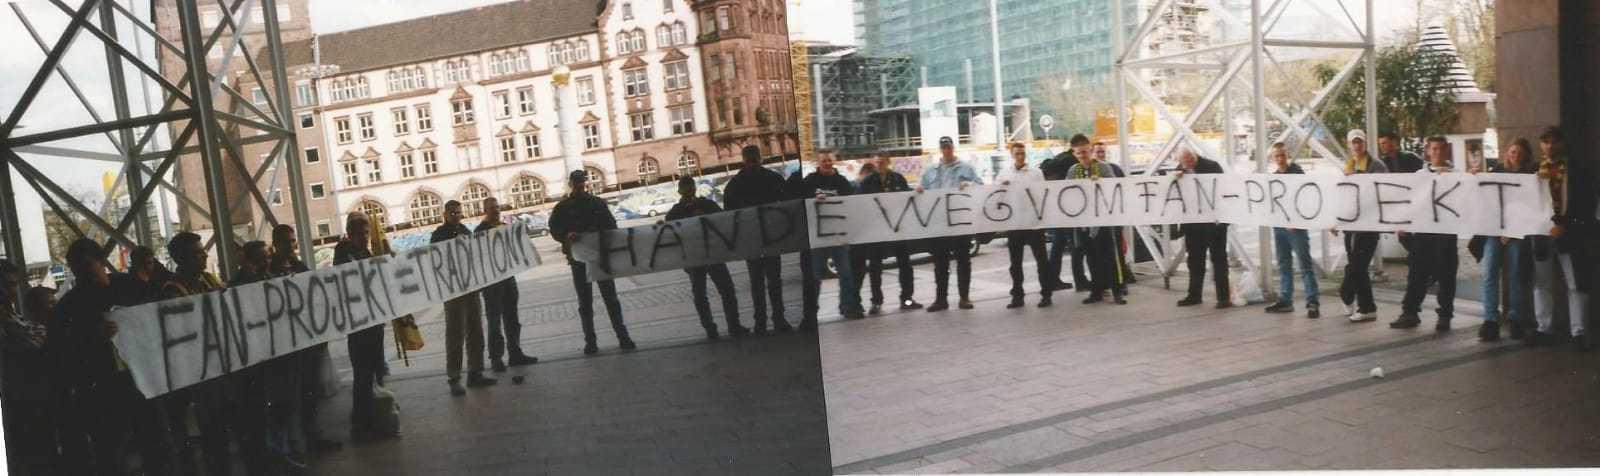 """""""Hände weg vom Fanprojekt"""" - Aktion bei der Übergabe des UEFA-Pokals an die Stadt Dortmund 2001 (Foto: Pini)"""